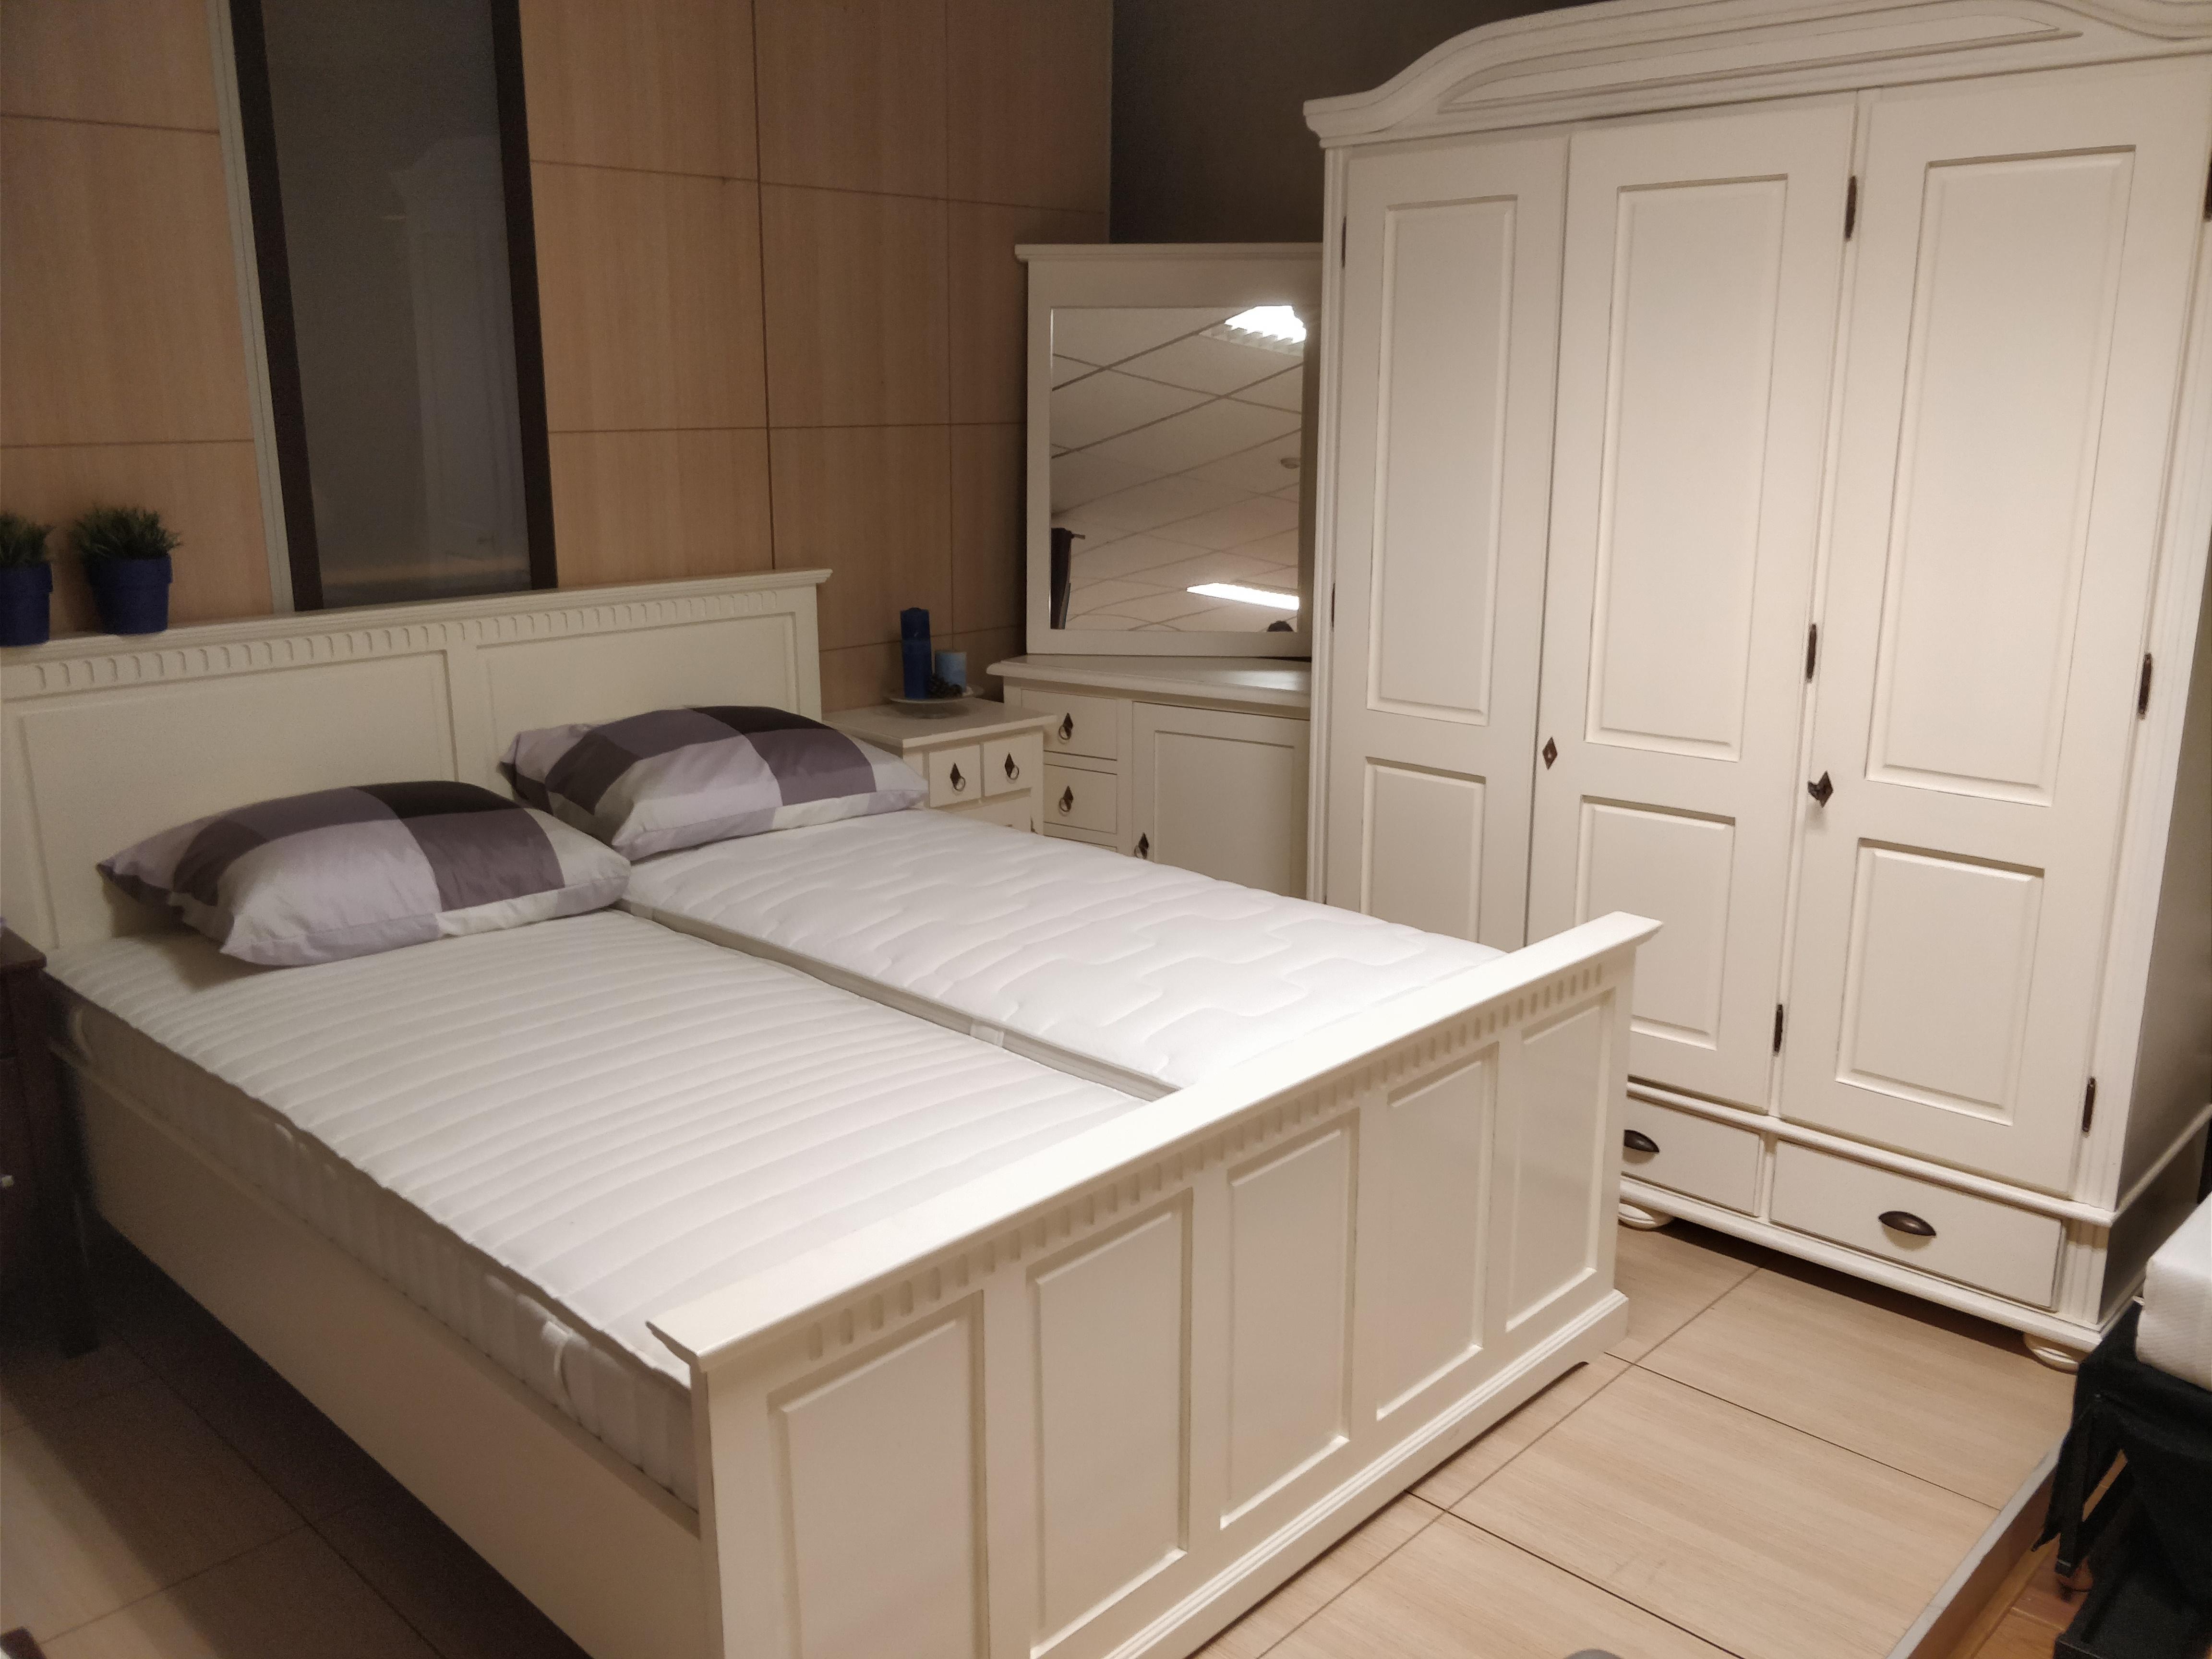 Van houdt complete slaapkamer barcelona creme bed 160x200 for Complete slaapkamers outlet